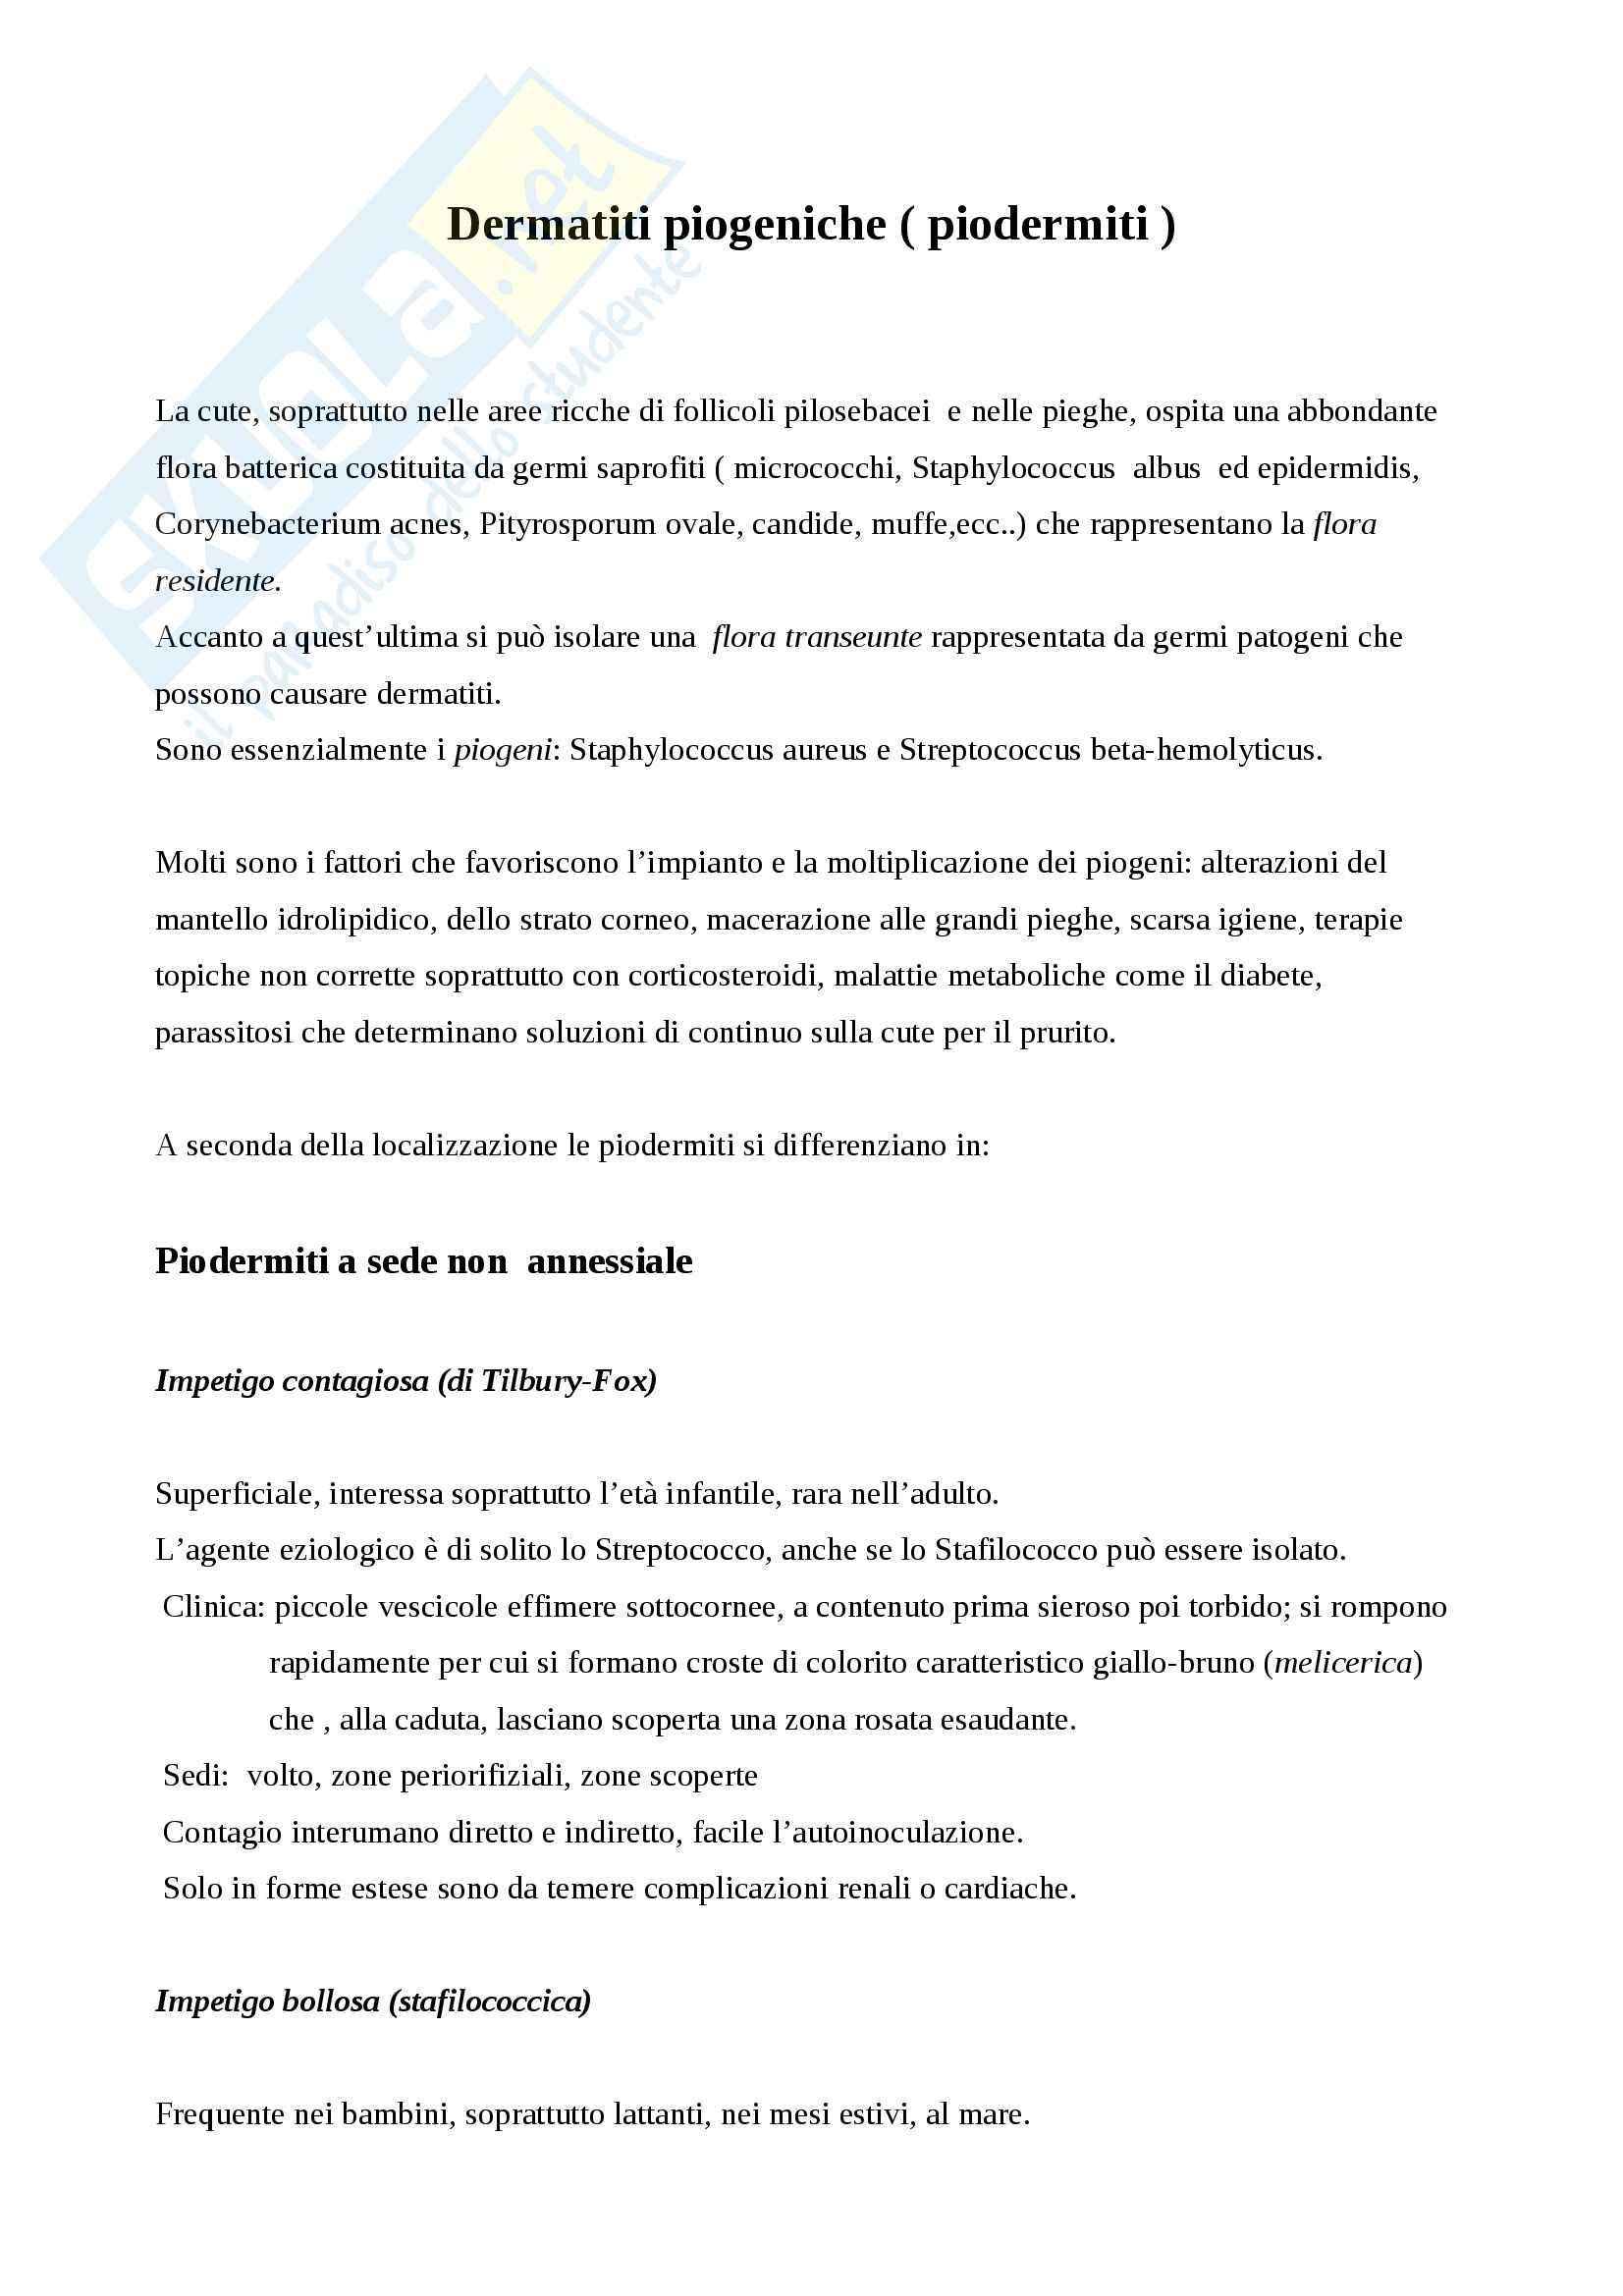 Dermatologia - dermatiti piogeniche